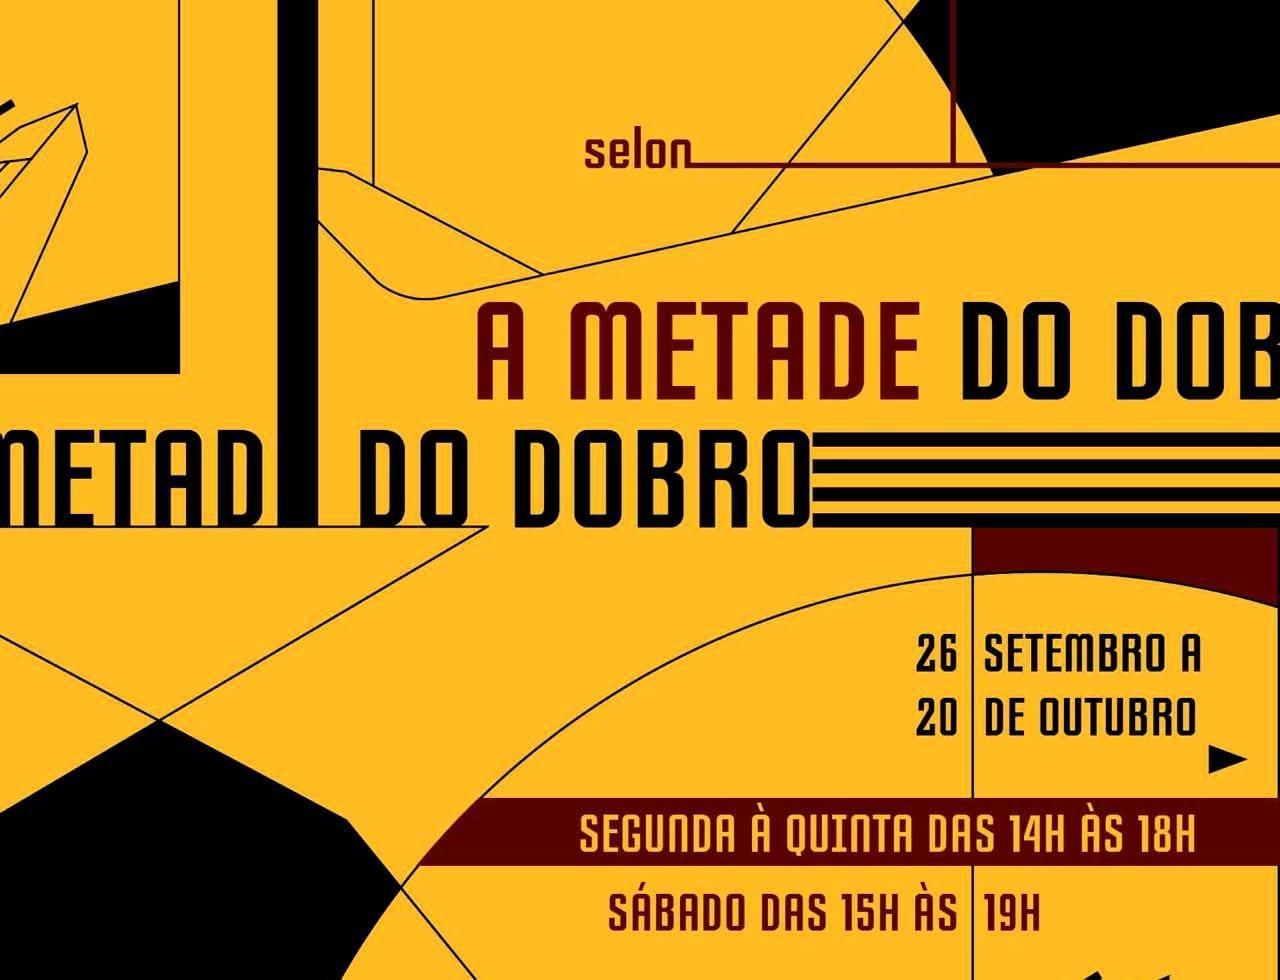 Confira o que dá fazer no feriado prolongado de 12 de outubro em Goiânia